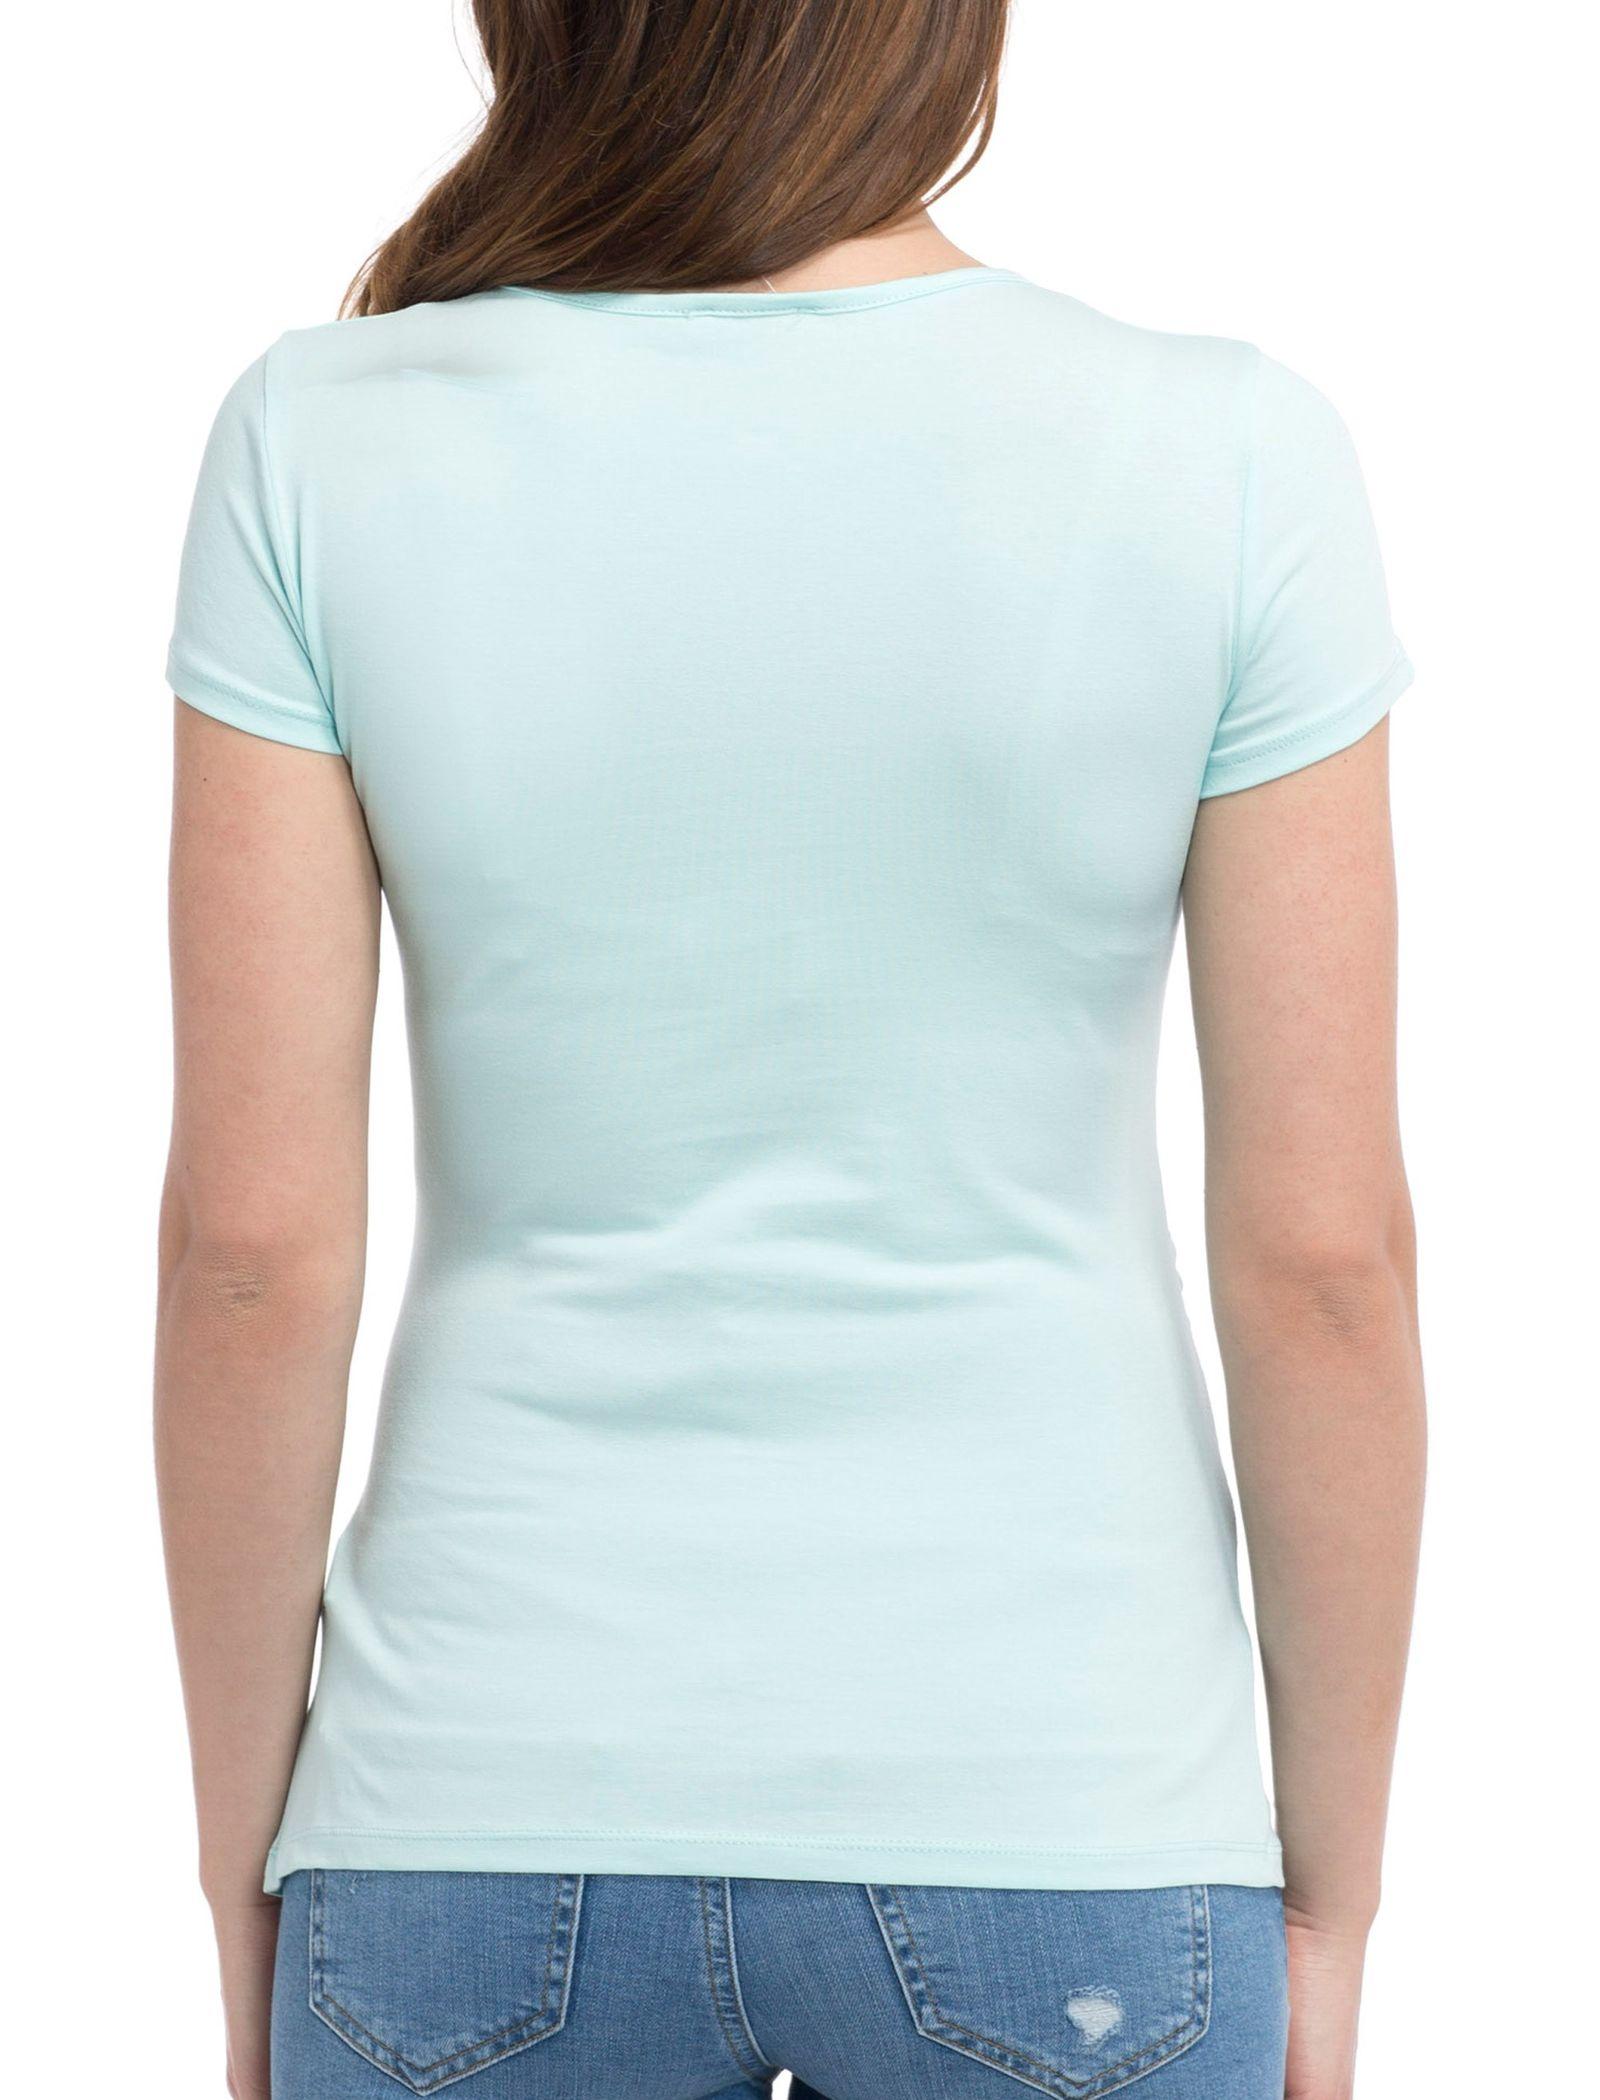 تی شرت نخی ساده بارداری - ال سی وایکیکی - آبي روشن - 2